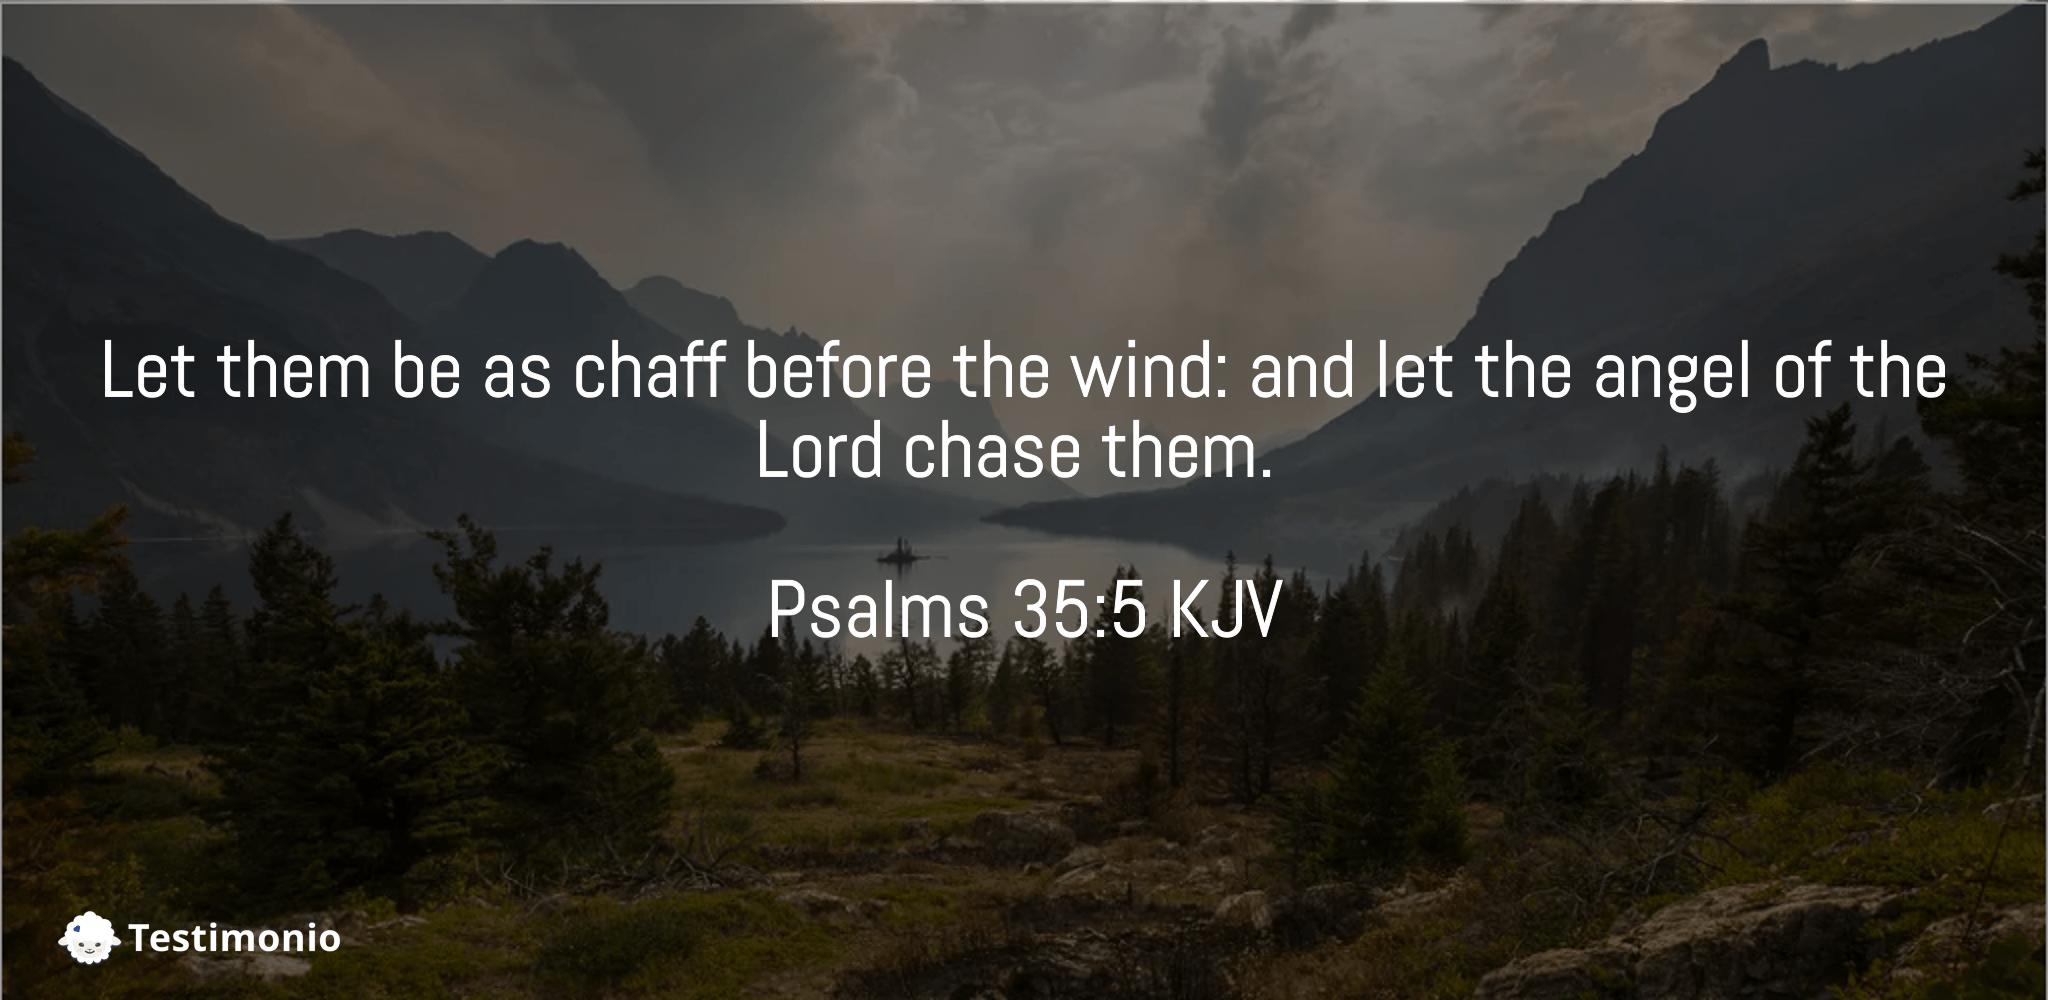 Psalms 35:5